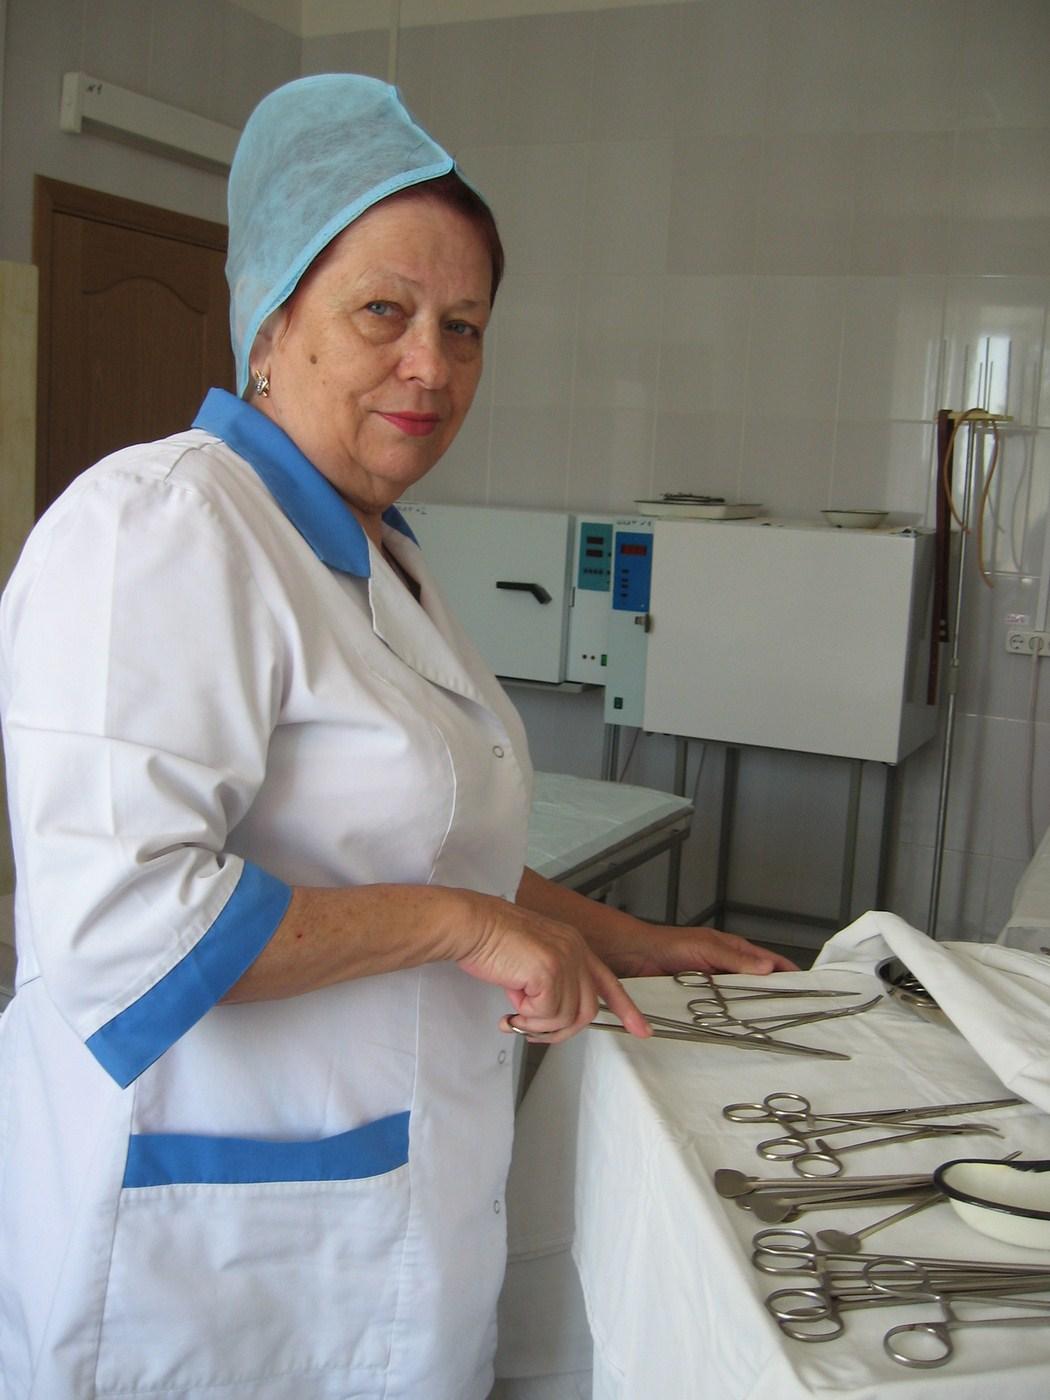 Туфли медсестры рассказ 13 фотография